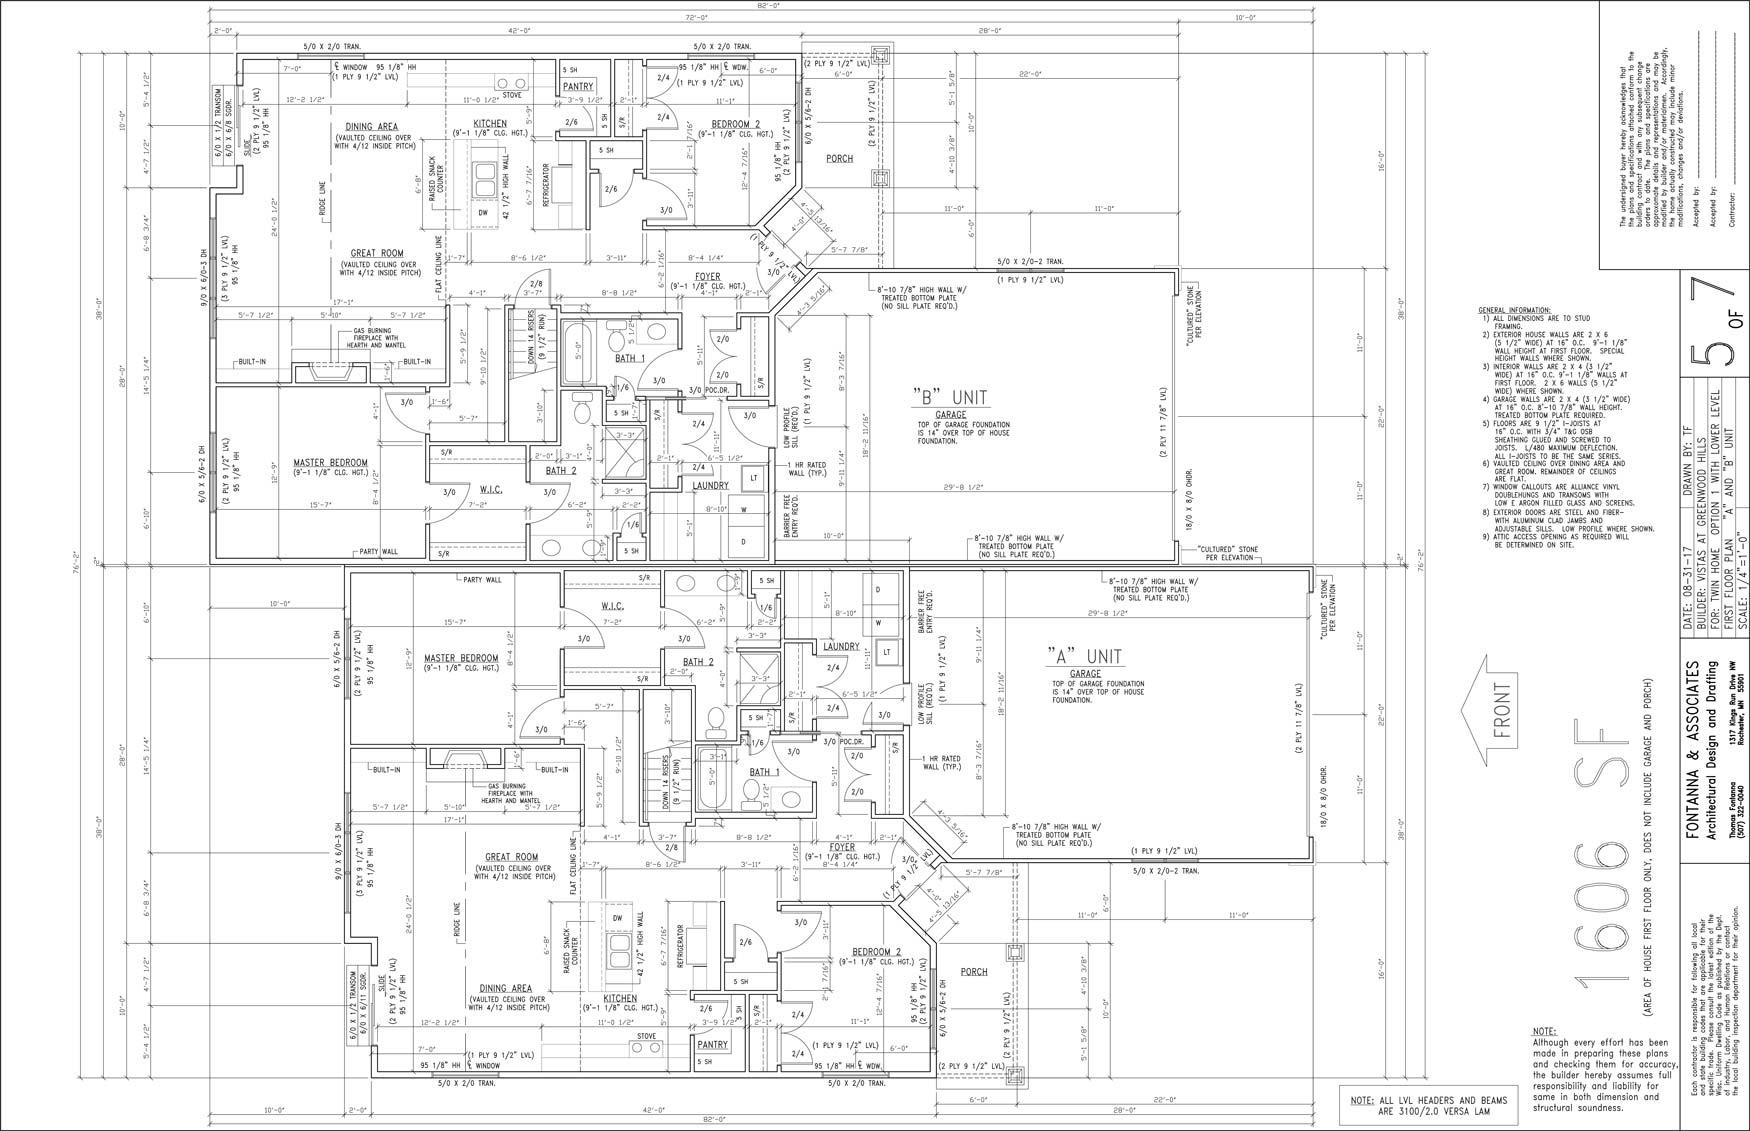 Tolle Schaltplan Der Garage Fotos - Der Schaltplan - greigo.com